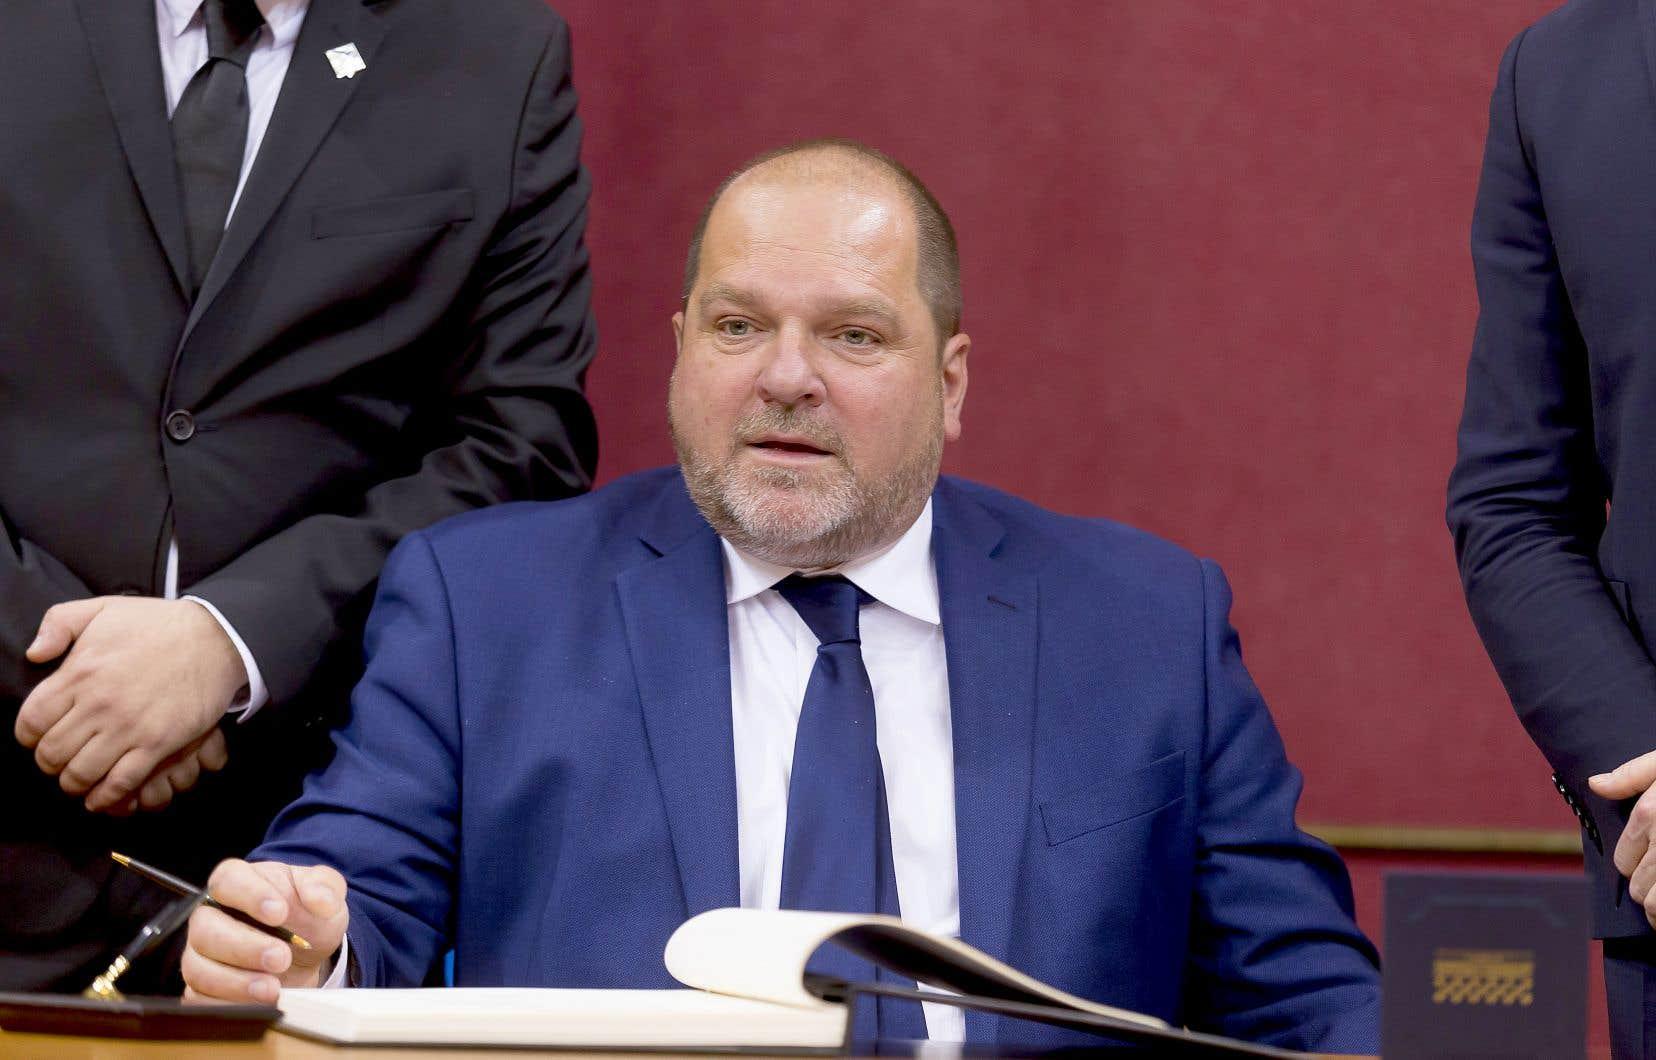 Ledéputé de Rimouski, Harold LeBel, lors de son assermentation en 2018